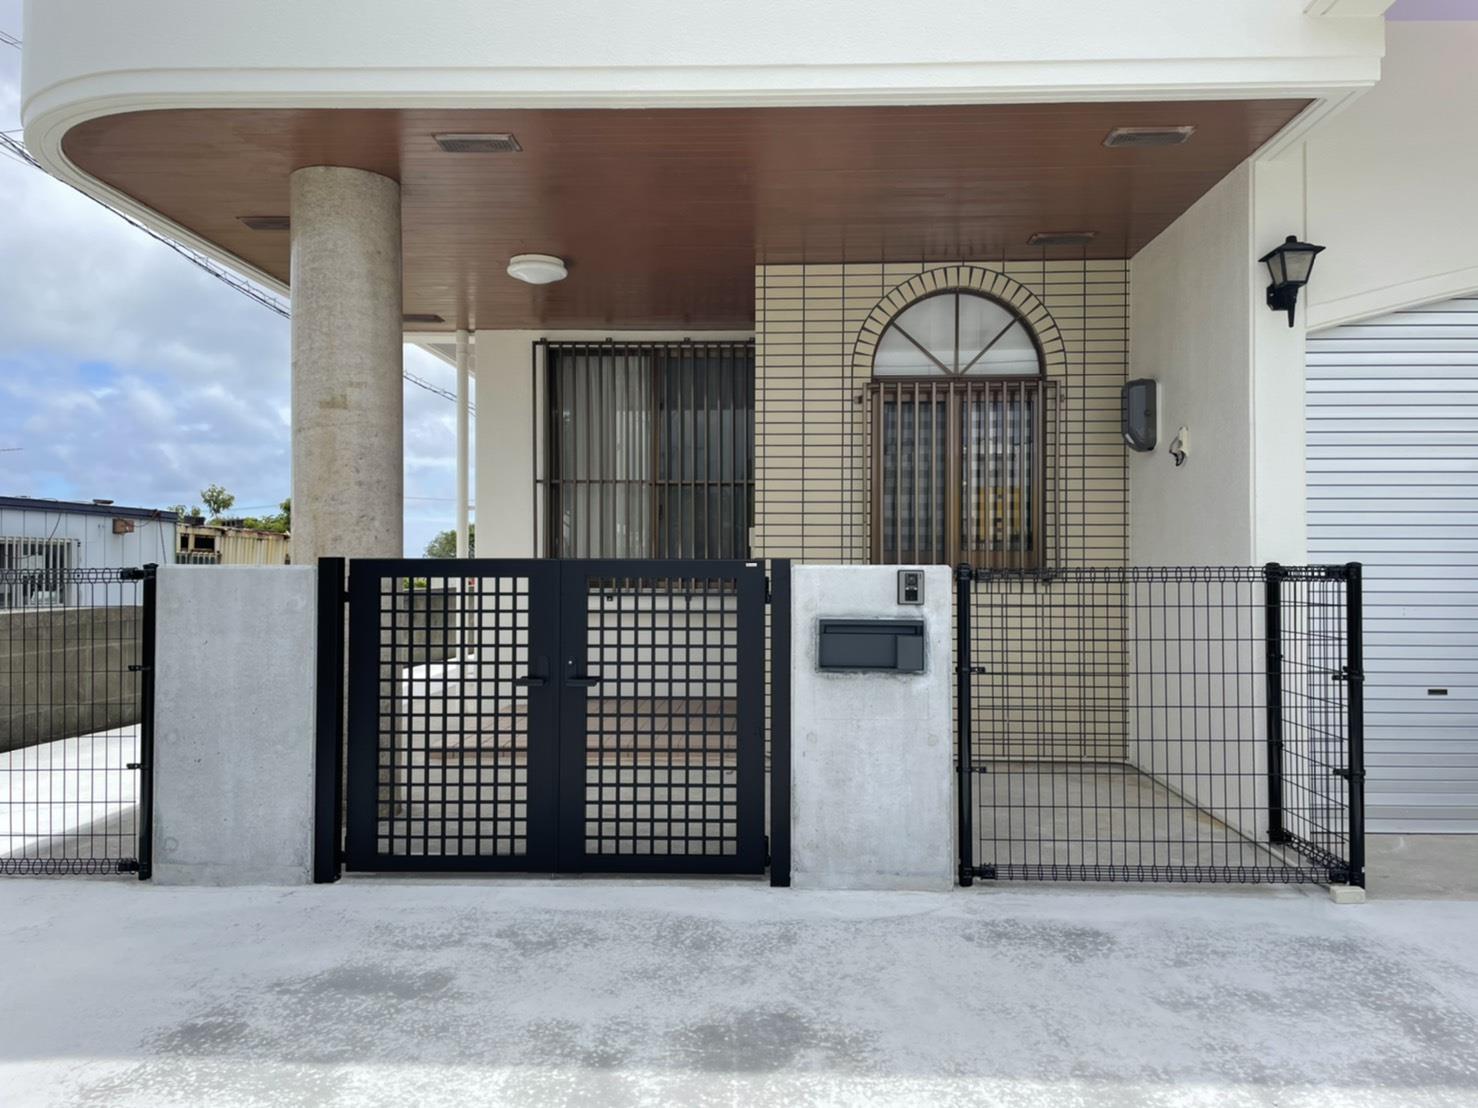 門扉工事(リフォーム施工事例)を公開しました。 | 沖縄や那覇でリフォームするなら【株式会社 あうん工房】